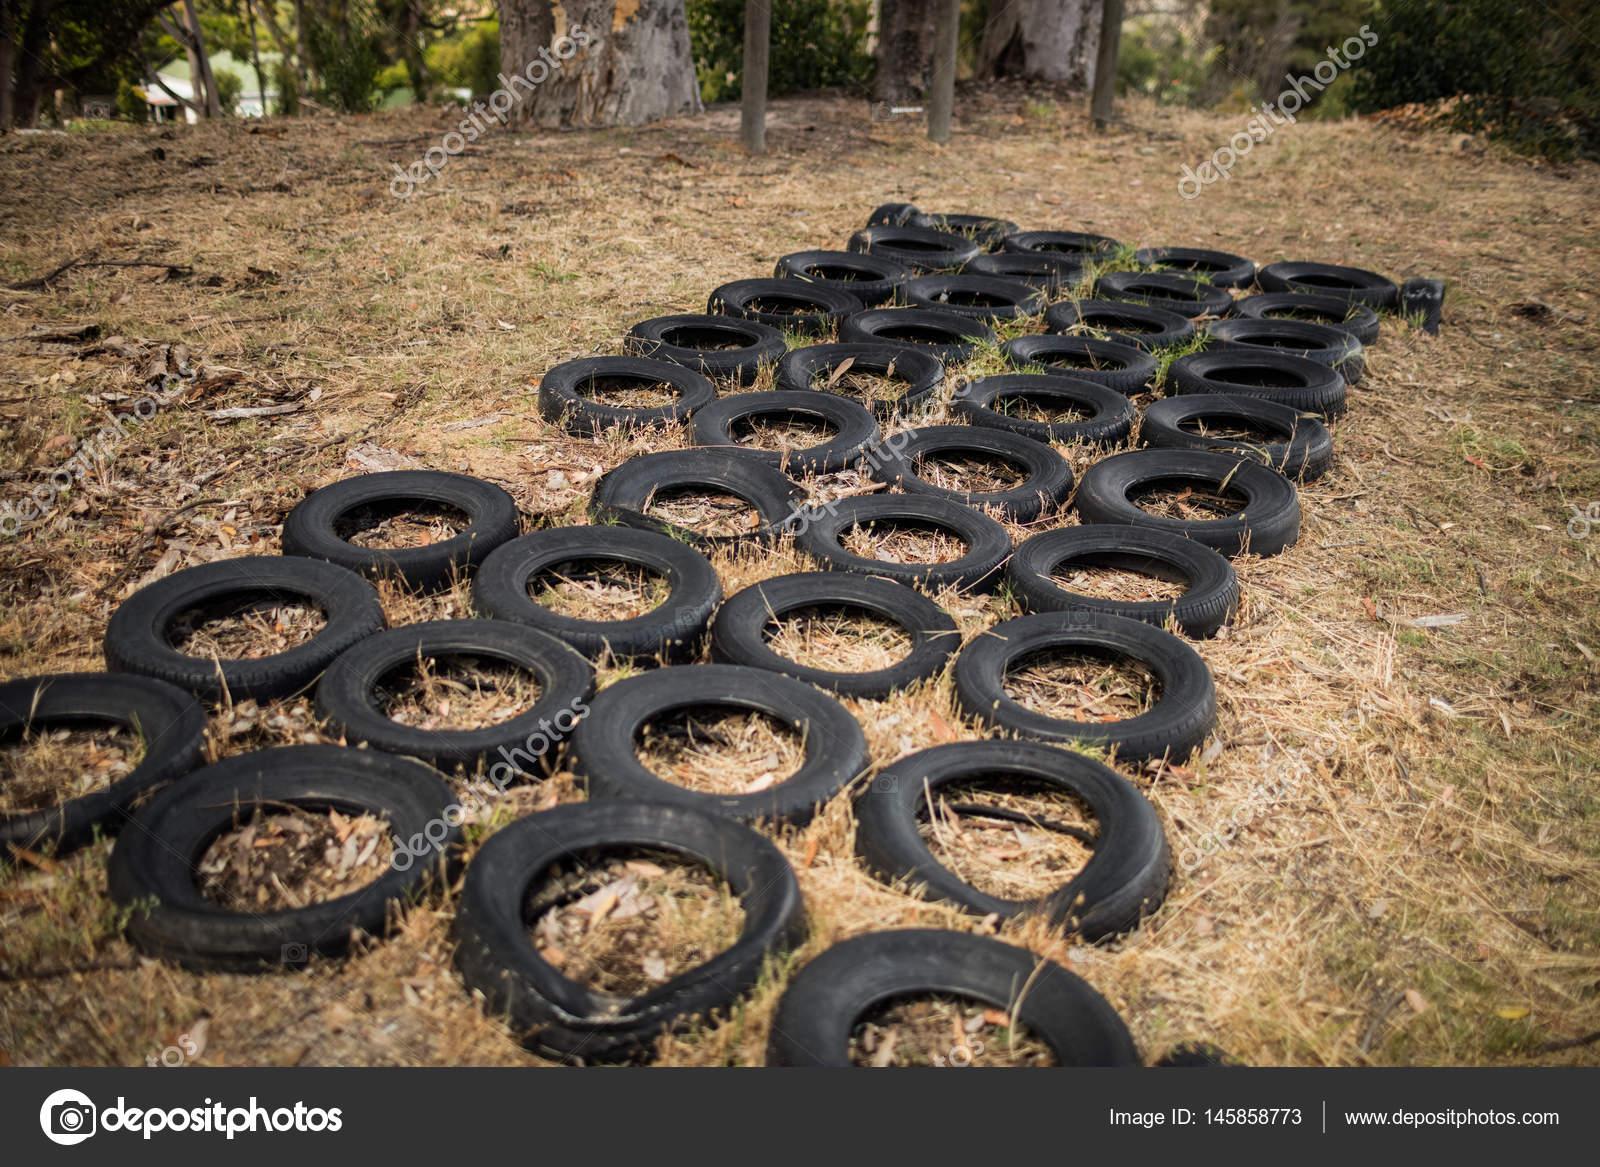 Klettergerüst Reifen : Boot camp mit reifen hindernis parcours u2014 stockfoto © wavebreakmedia